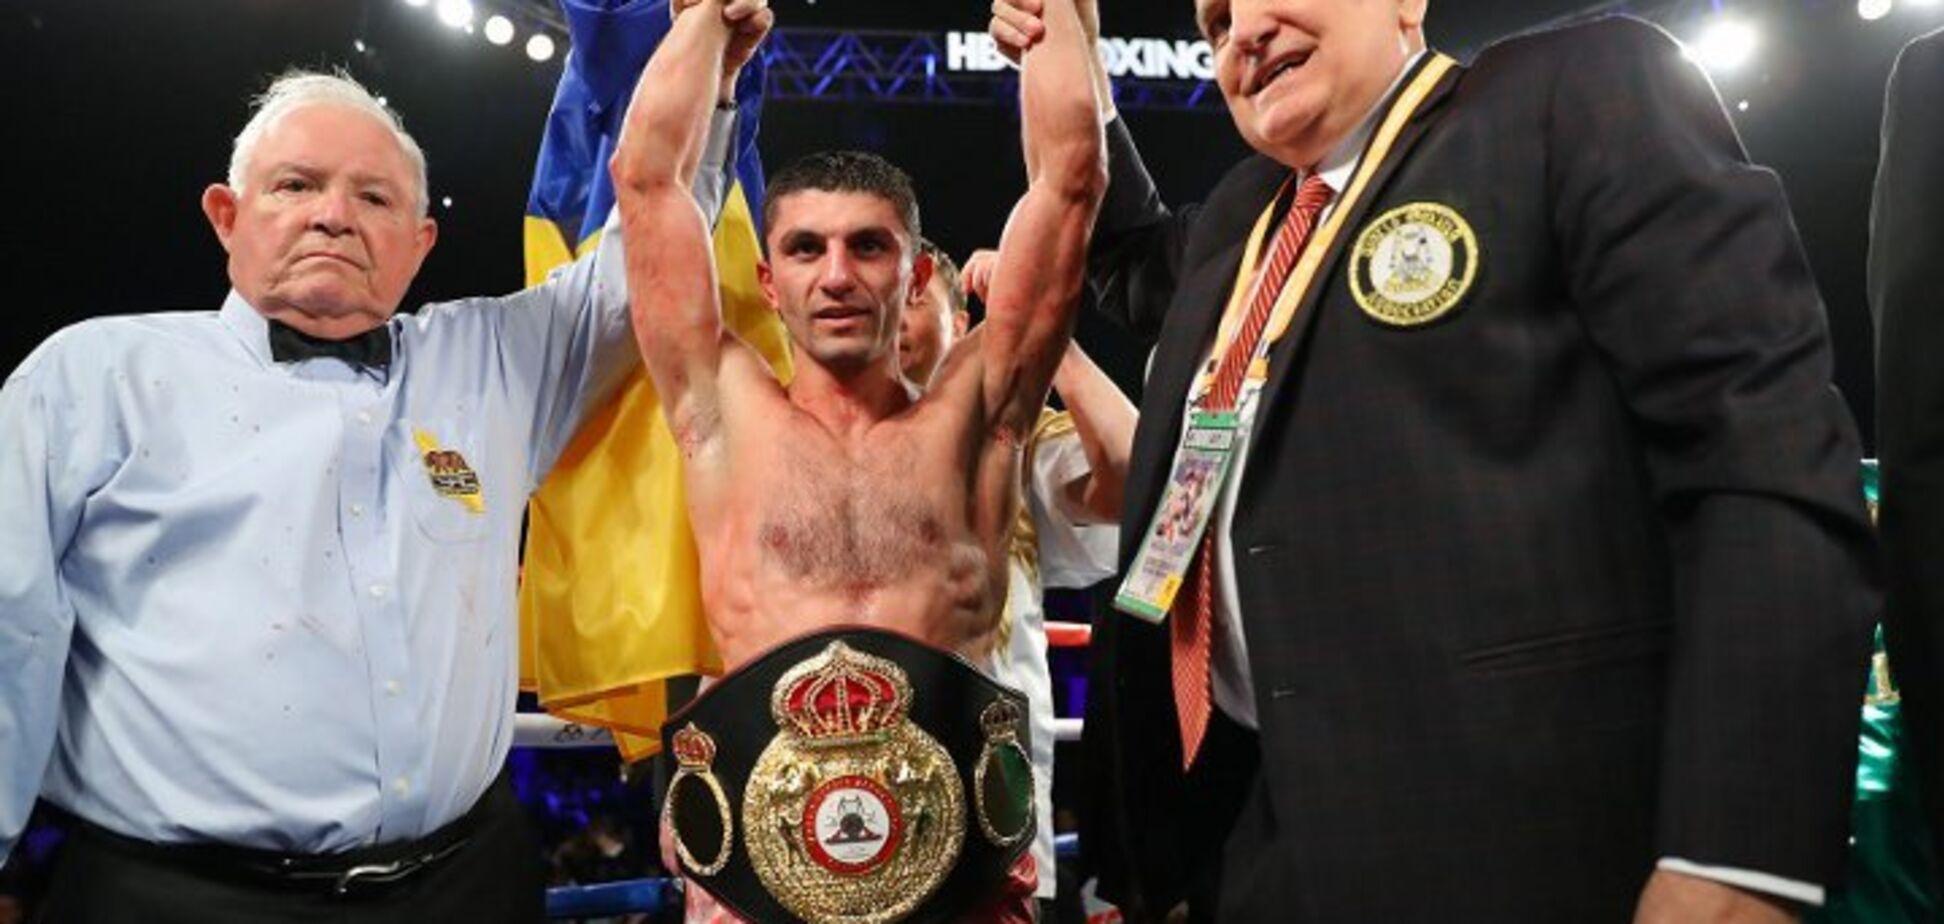 Далакян - Леброн: видео нокдаунов в чемпионском бою украинца